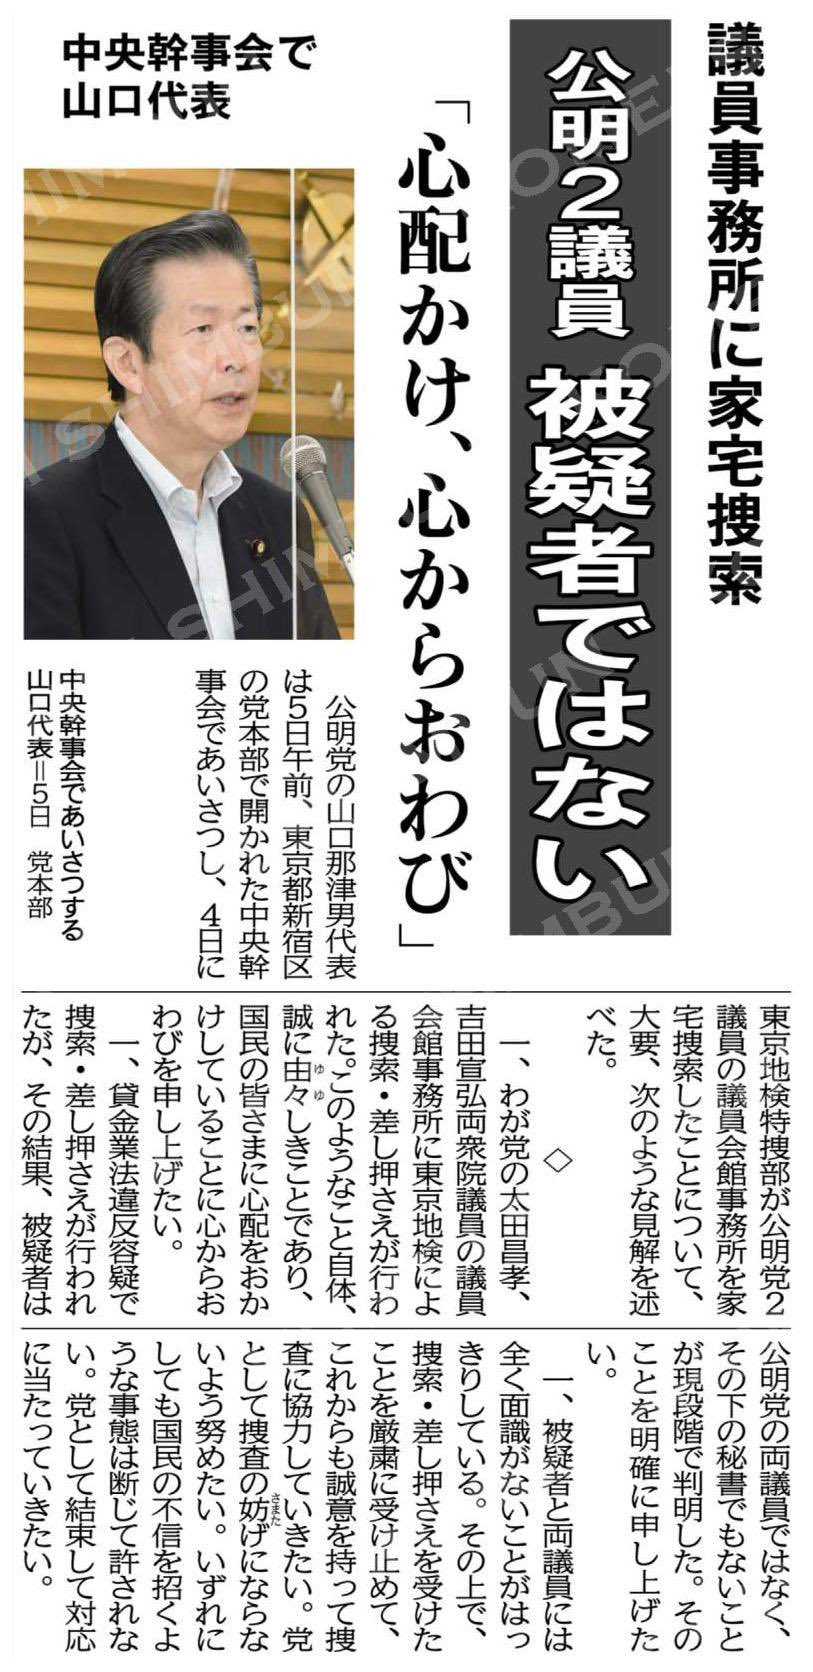 東京地検の家宅捜索の件について